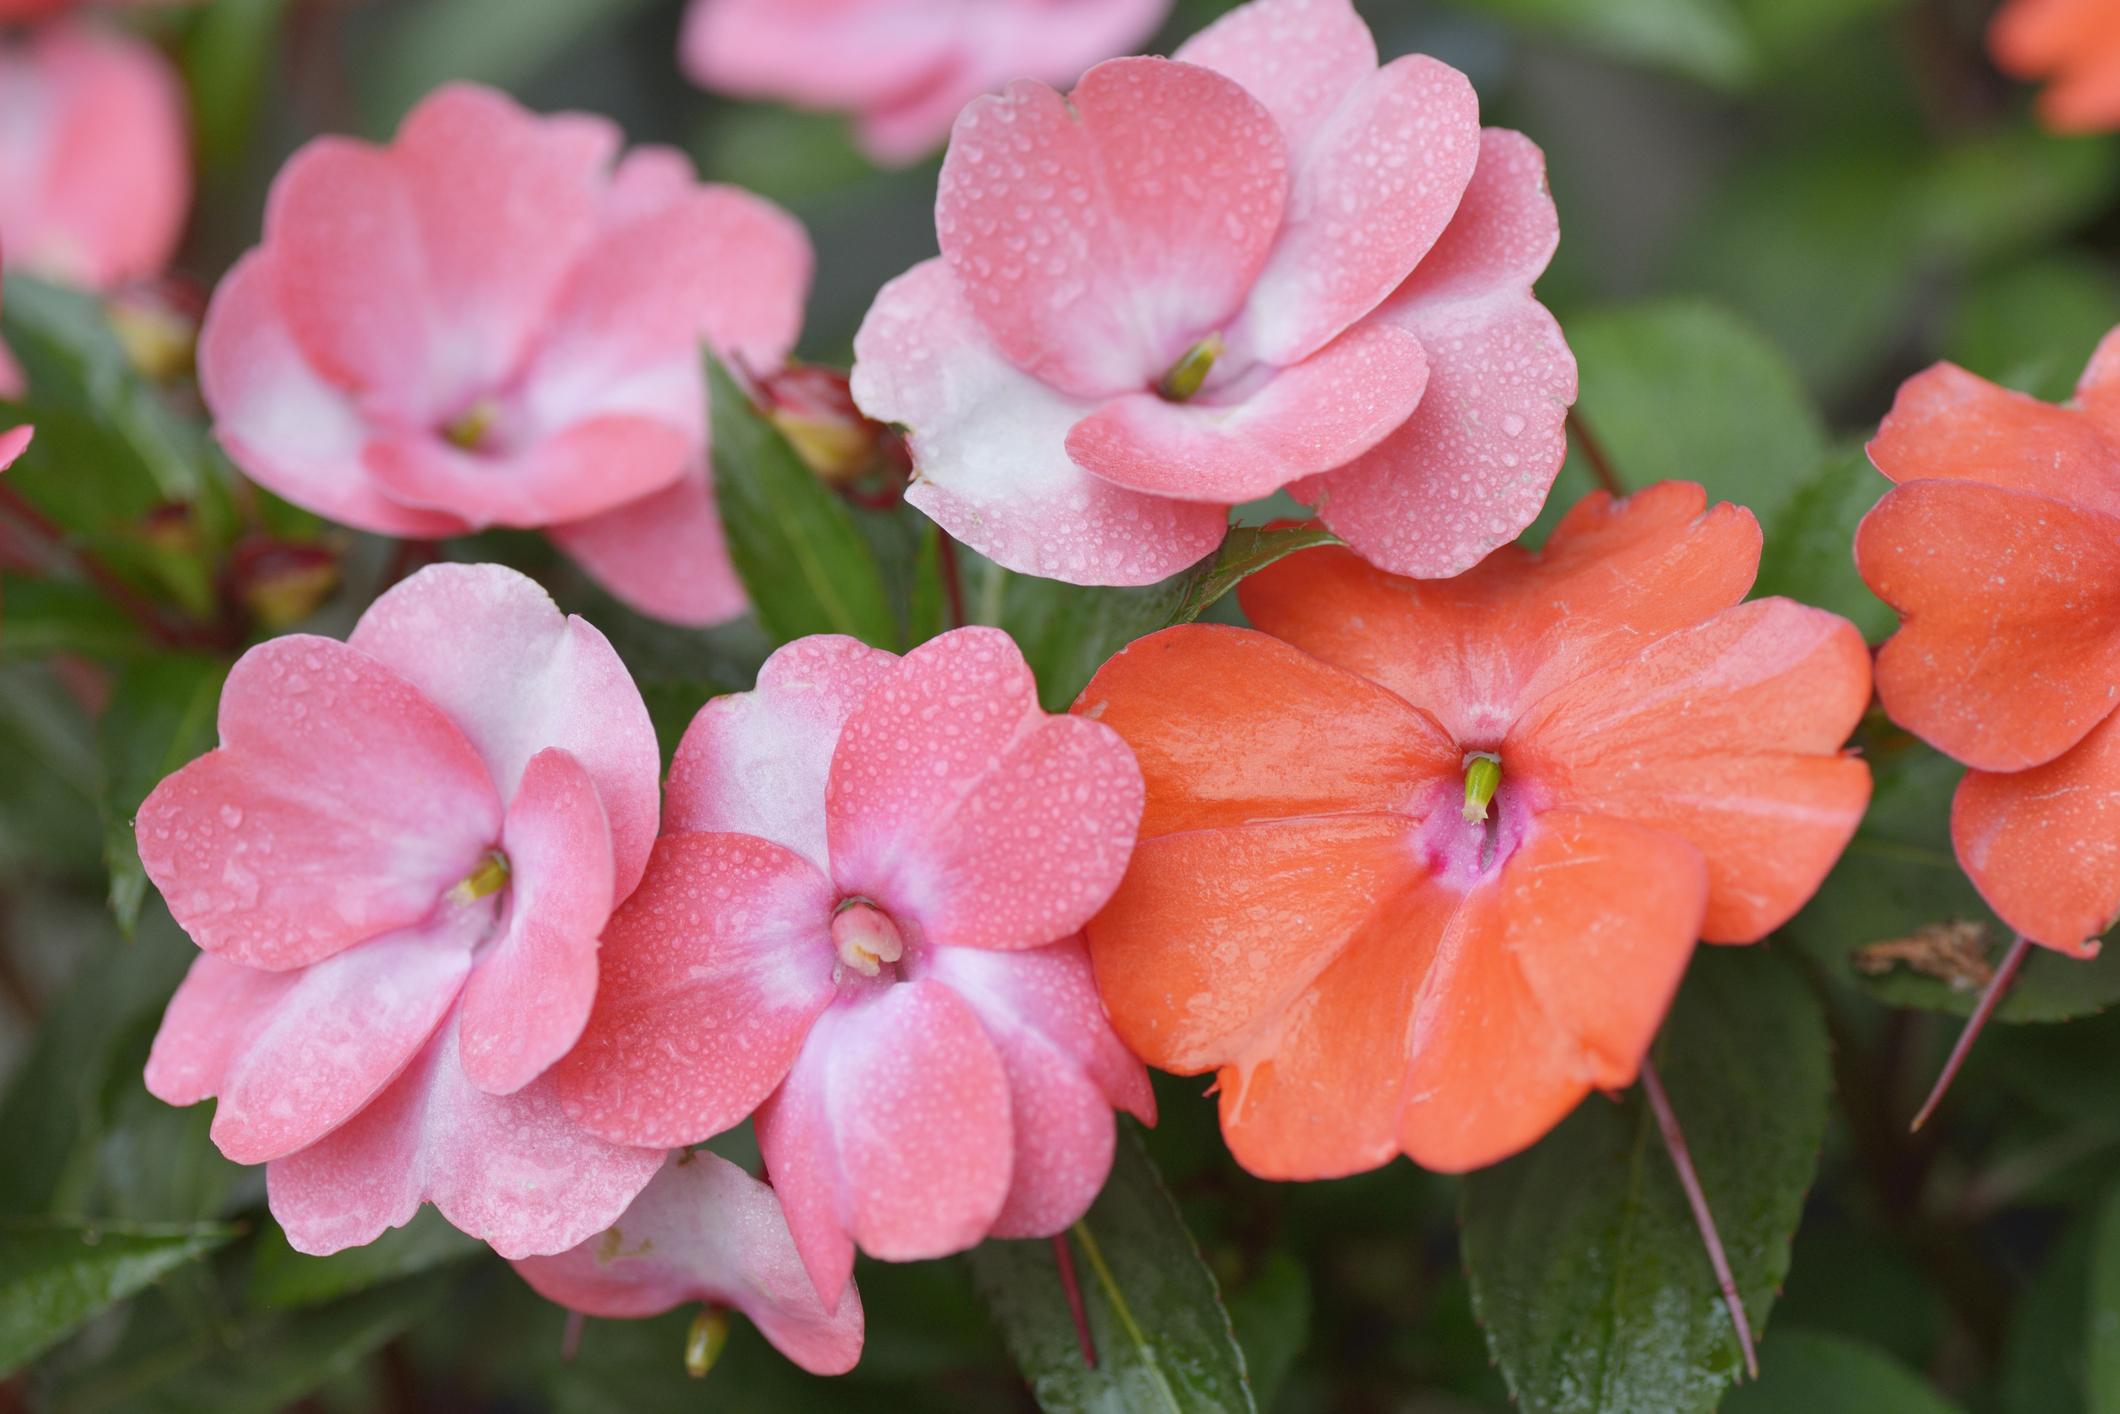 ツリフネソウ科の一年草で、鉢植えや花壇などに向いています。花色は紫、ピンク、白、サーモンピンクなどがあります。斑入りや模様の入った品種が多くあります。